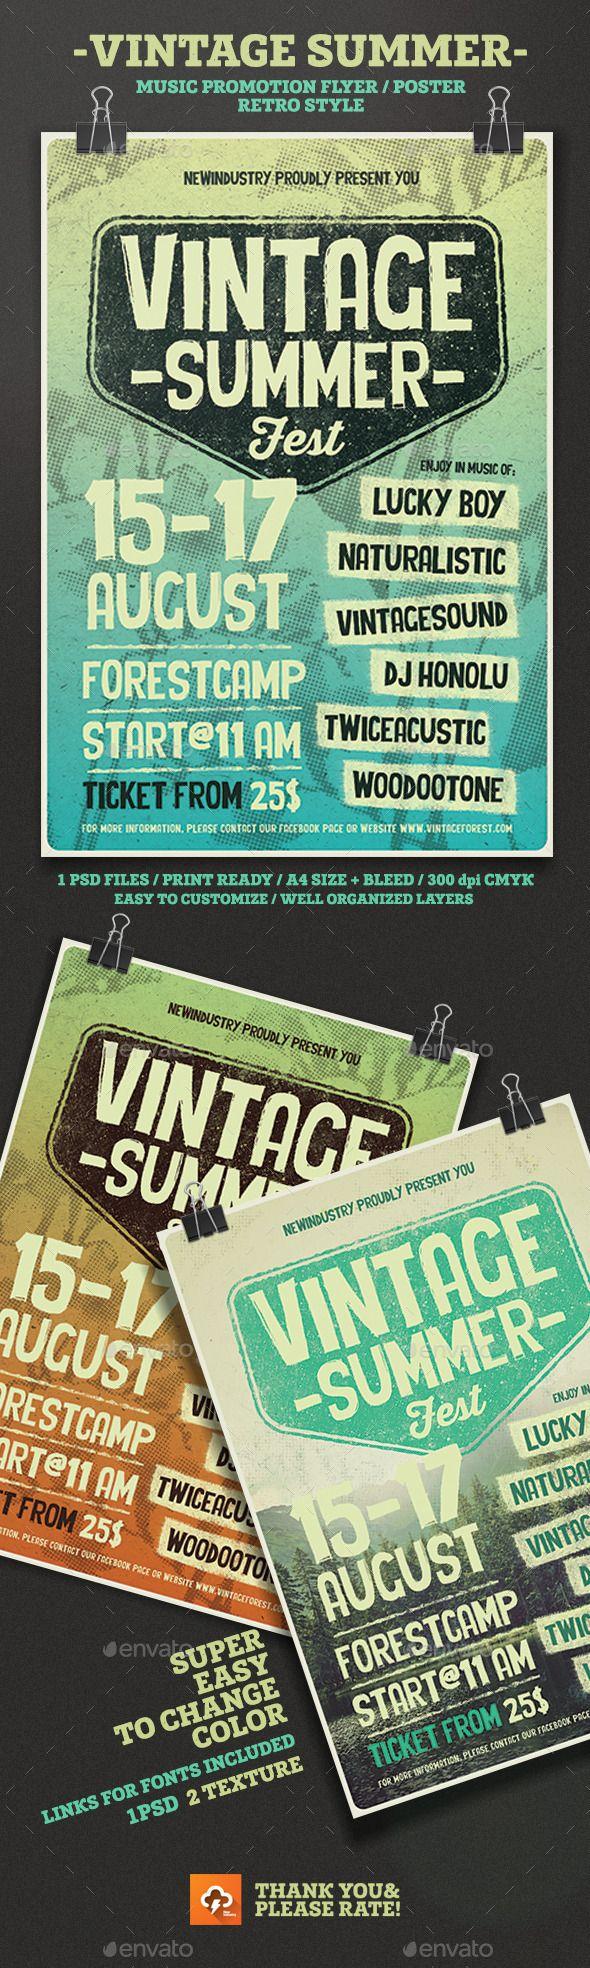 Vintage Summer Fest Poster / Flyer Template #design Download: http://graphicriver.net/item/vintage-summer-fest-posterflyer/12416829?ref=ksioks